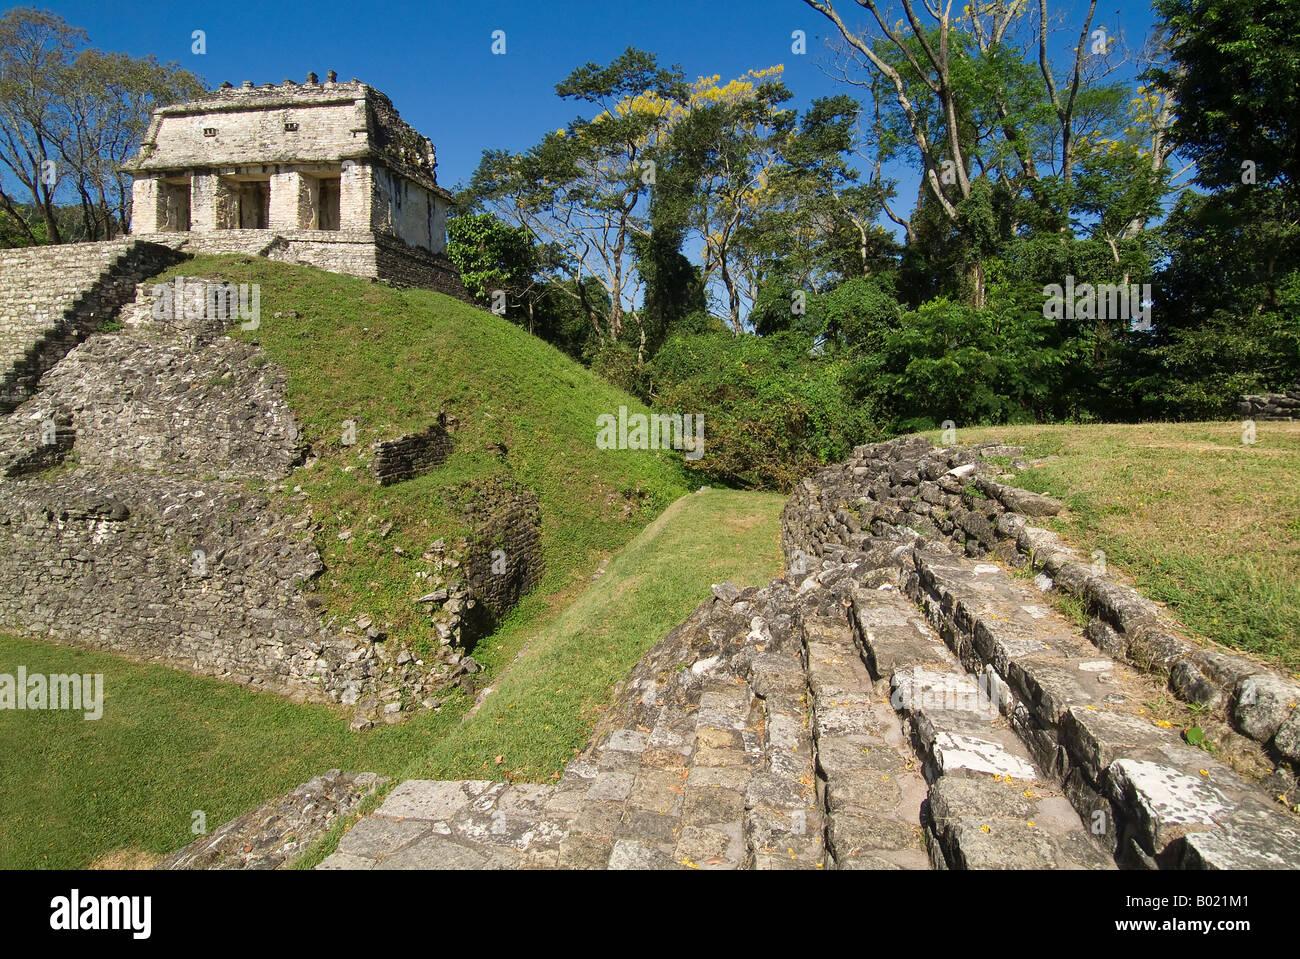 Maya ruins of Palenque - Stock Image